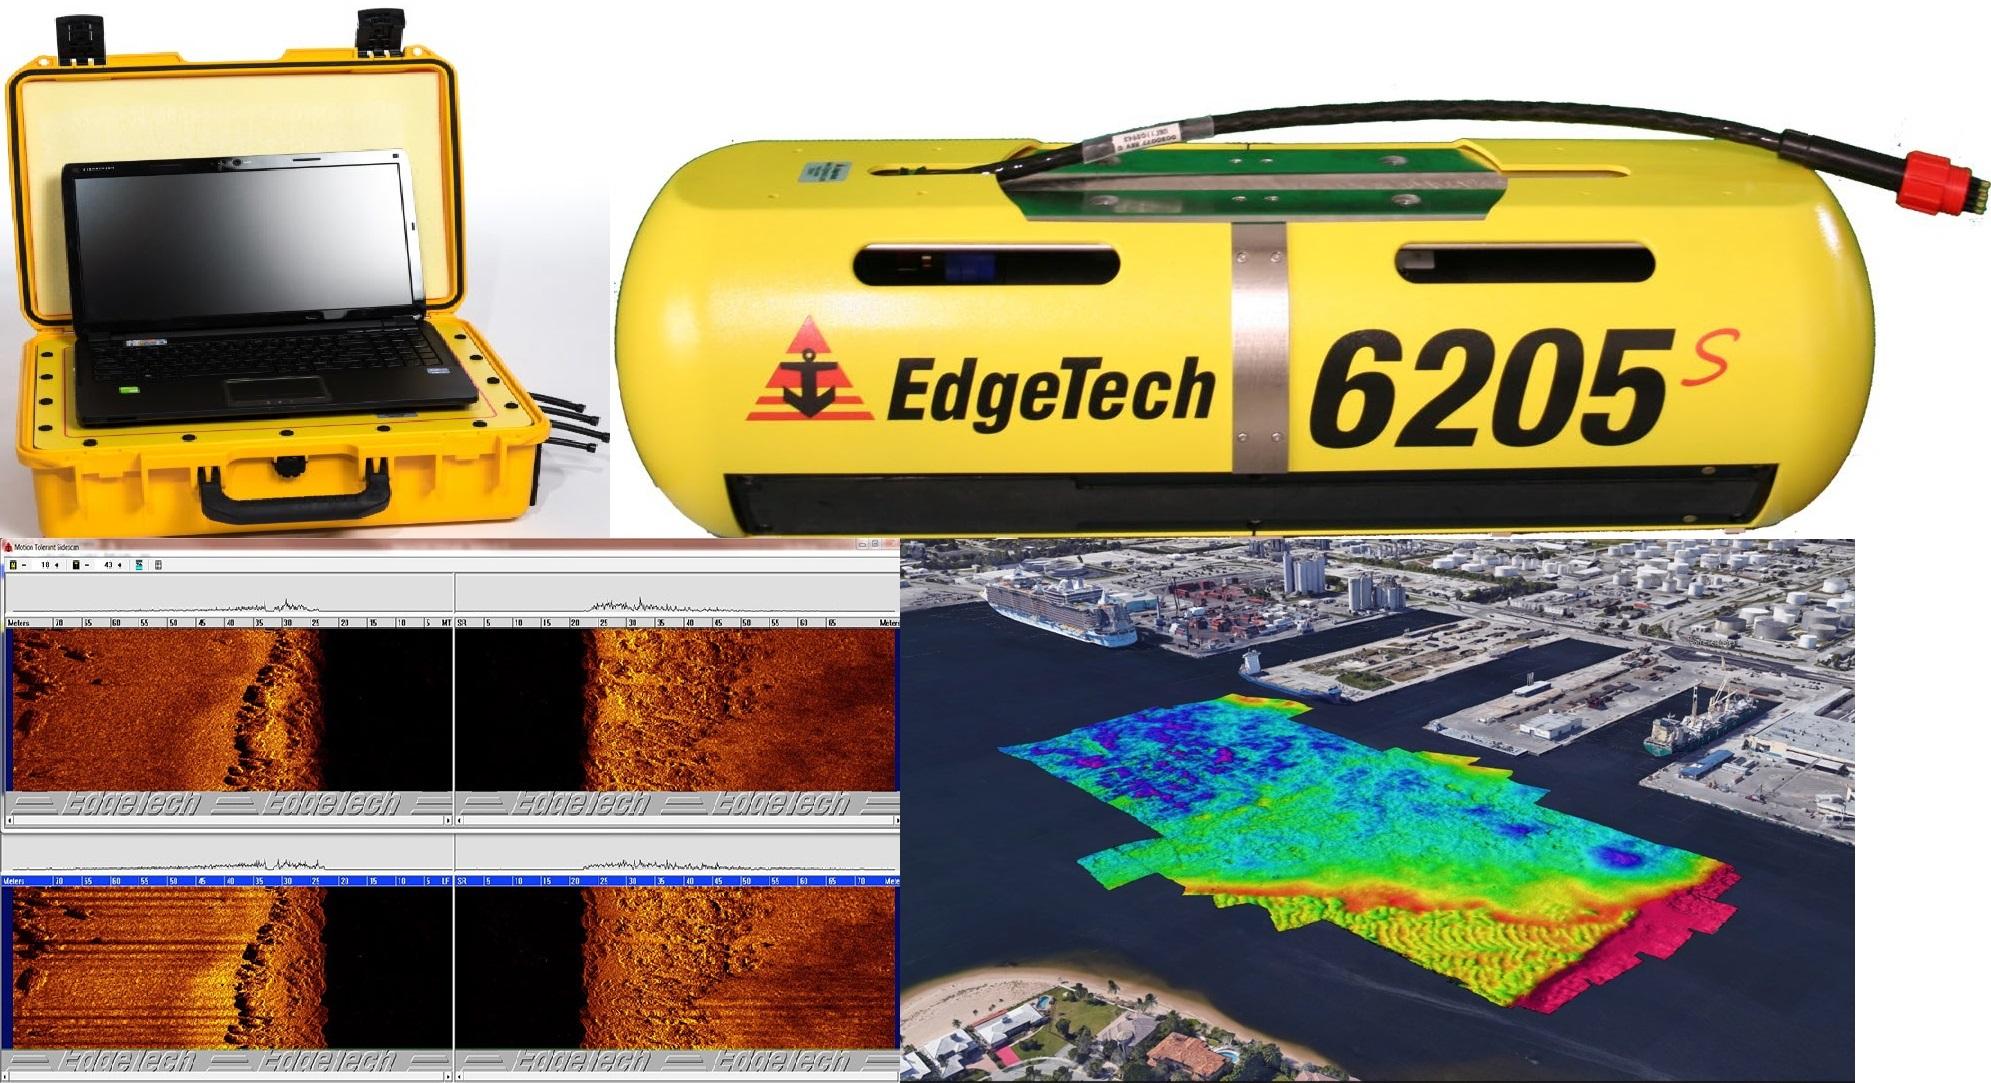 Máy đo sâu hồi âm đa tia kết hợp quét bề mặt đáy biển EDGETECH 6205s